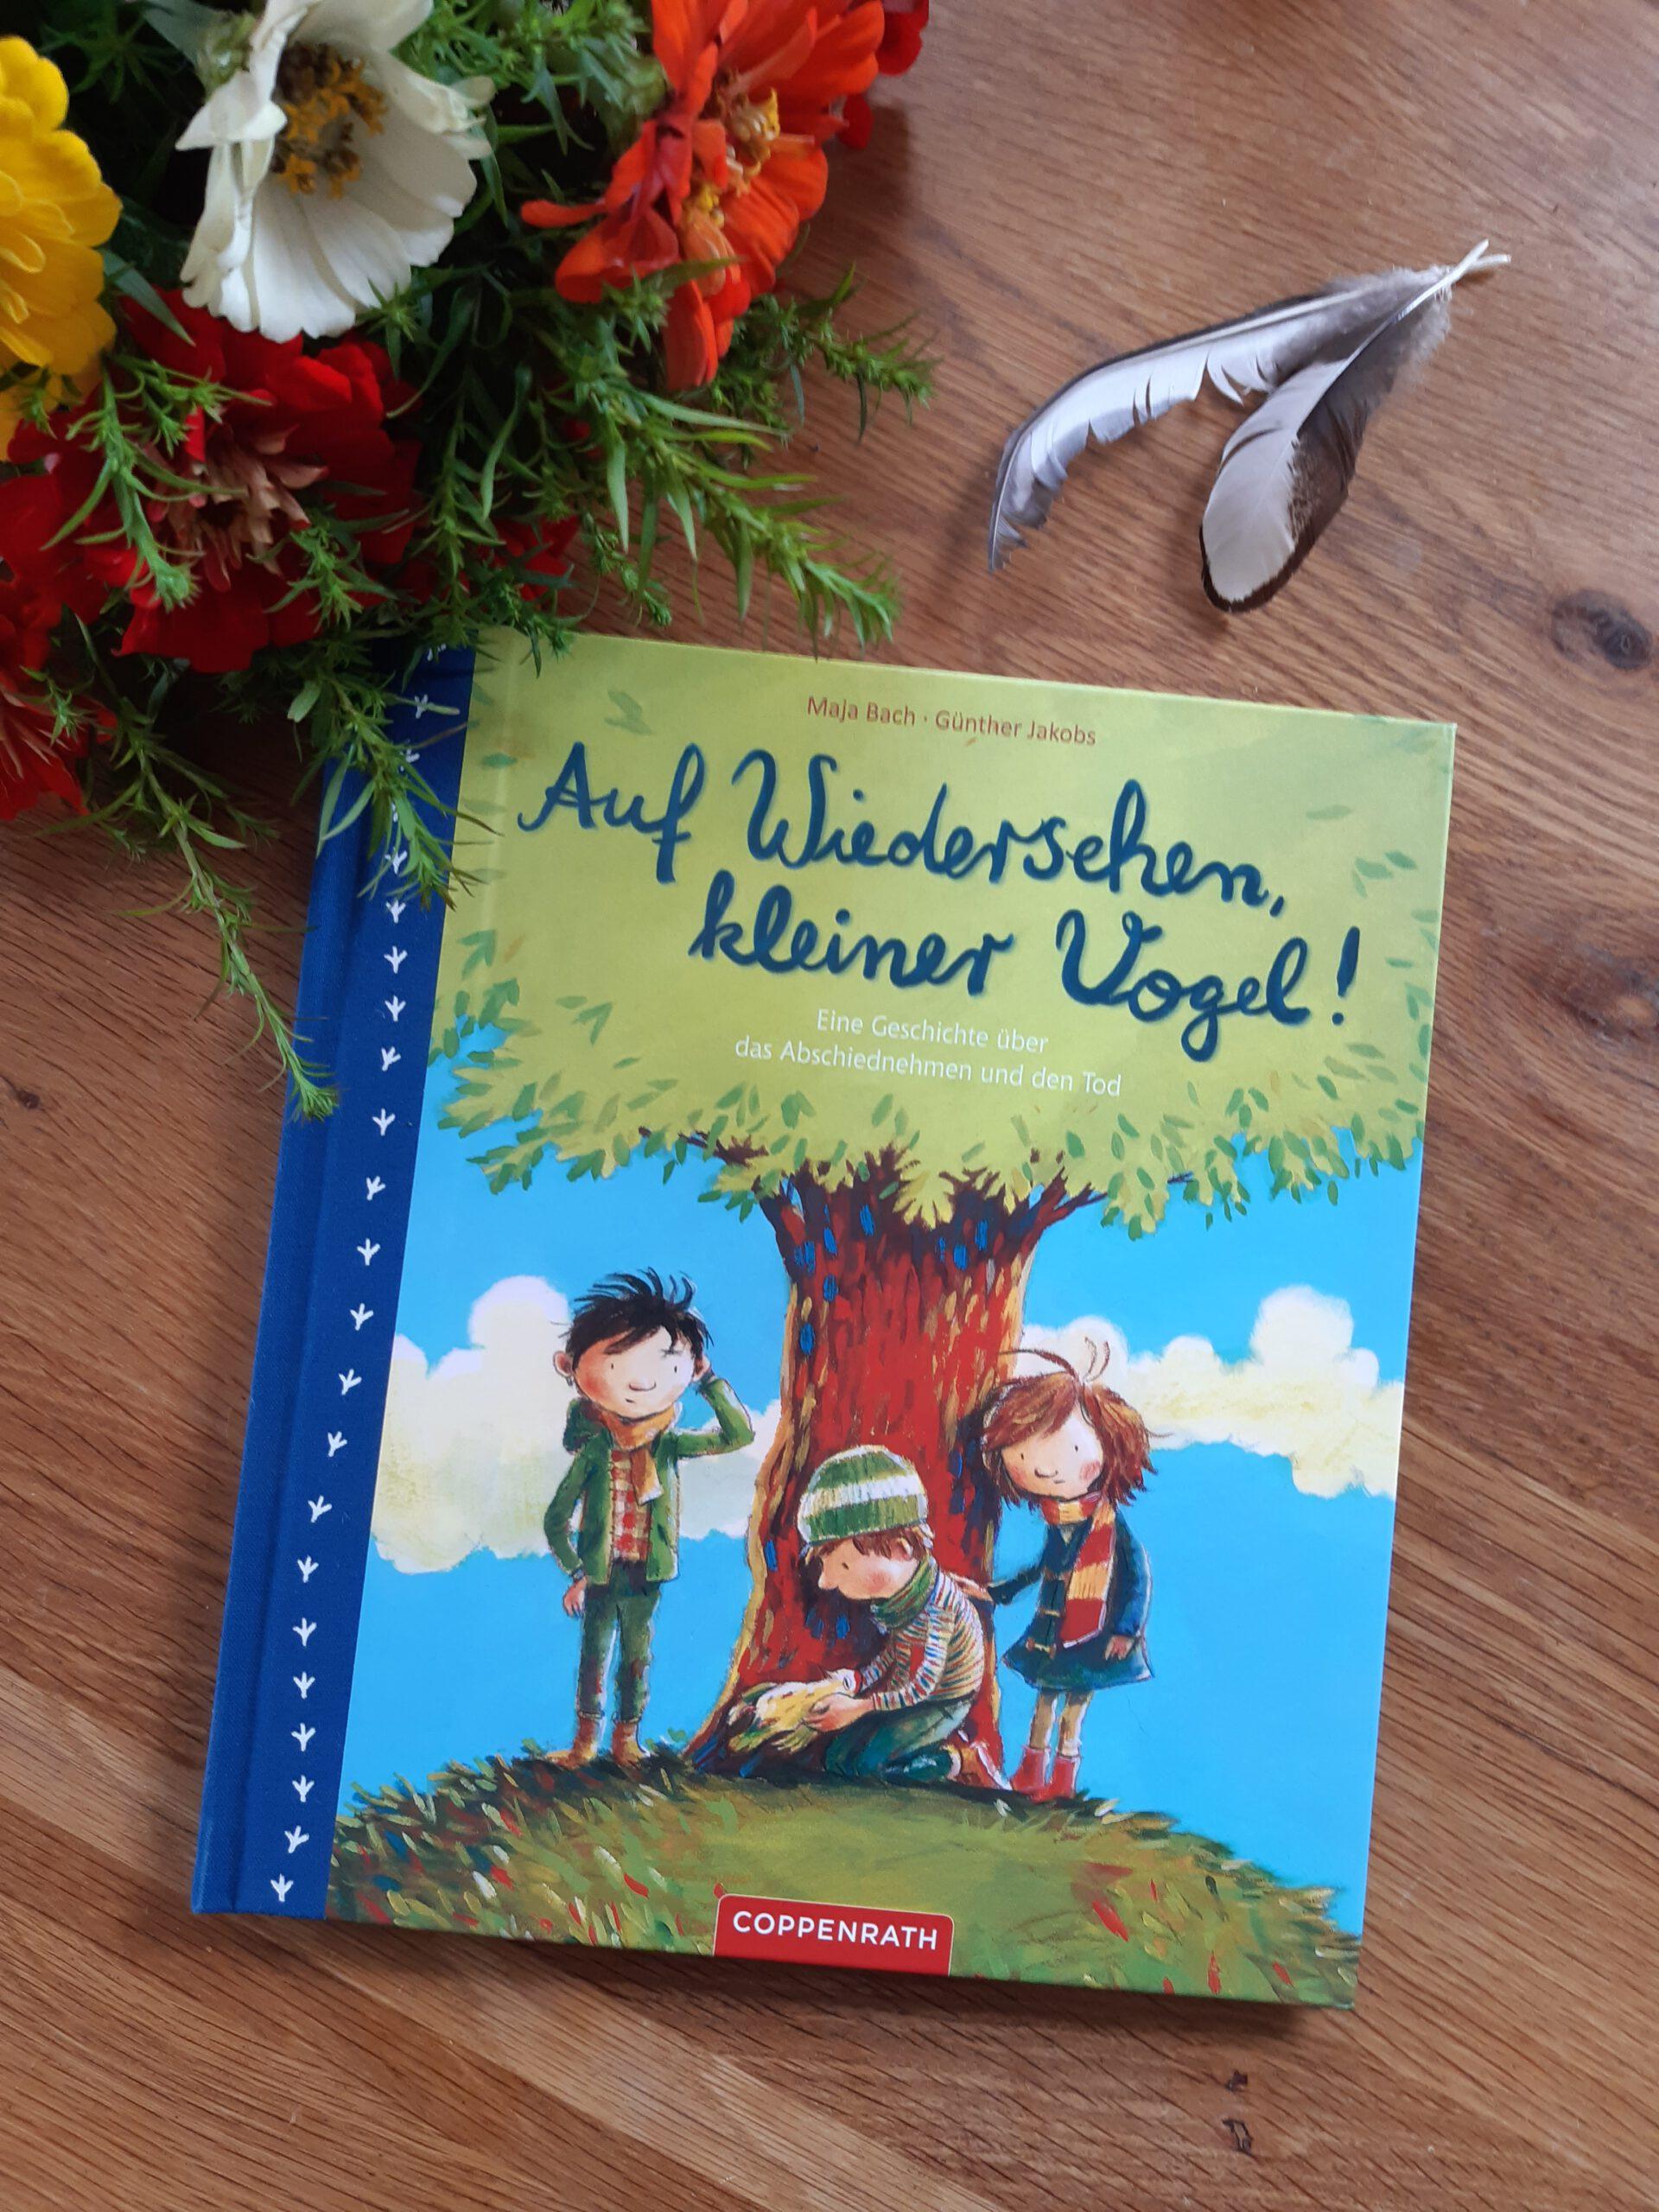 """Ein hilfreiches Bilderbuch: """"Auf Wiedersehen, kleiner Vogel! Eine Geschichte über Abschiednehmen und Tod"""""""